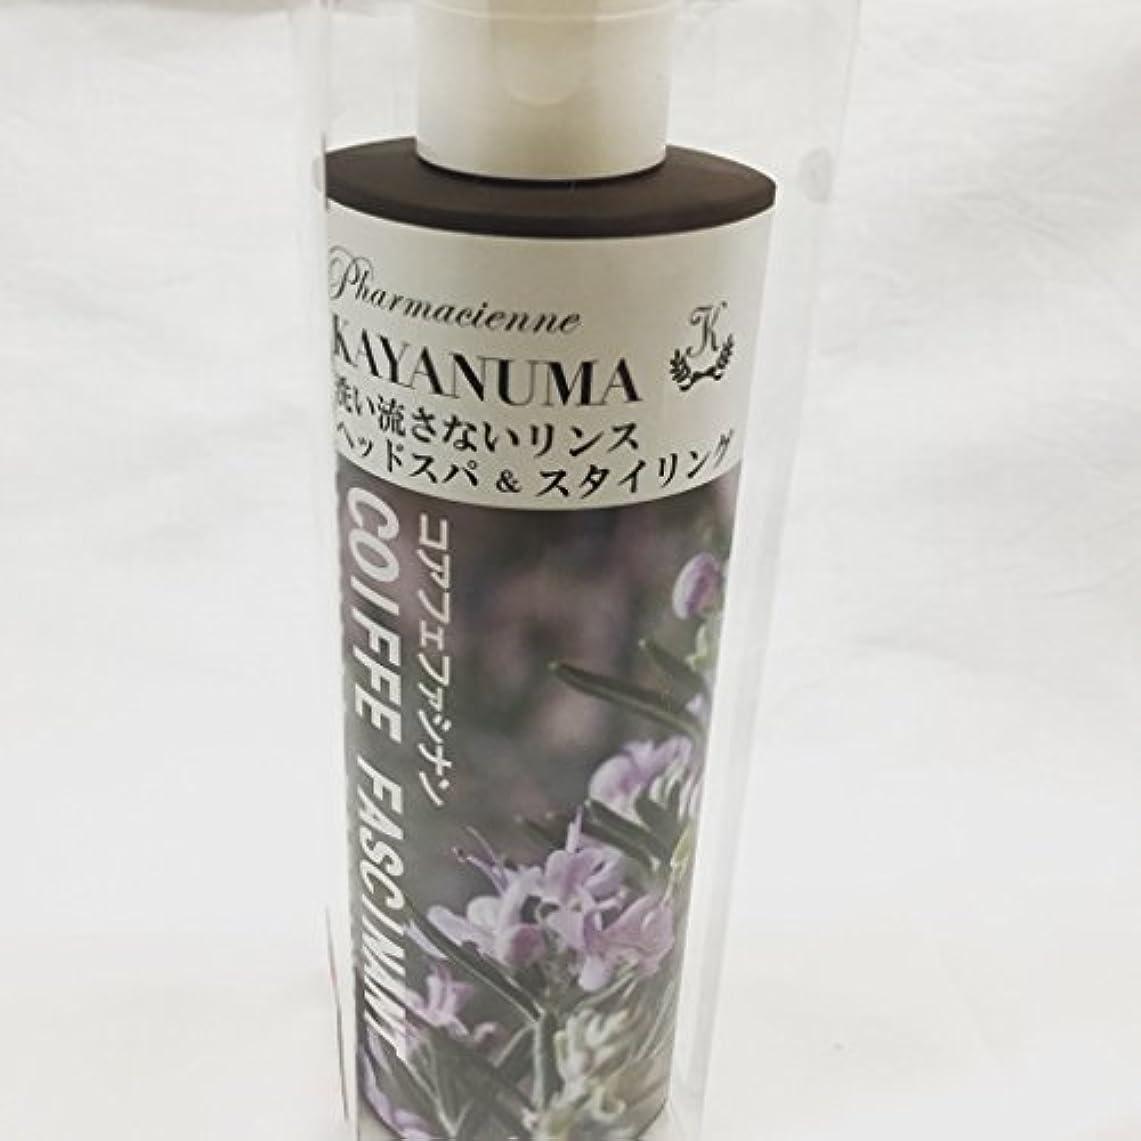 茅沼順子薬局 Junko KAYANUMA(ジュンコカヤヌマ) コアフェファシナン(洗い流さないリンス)